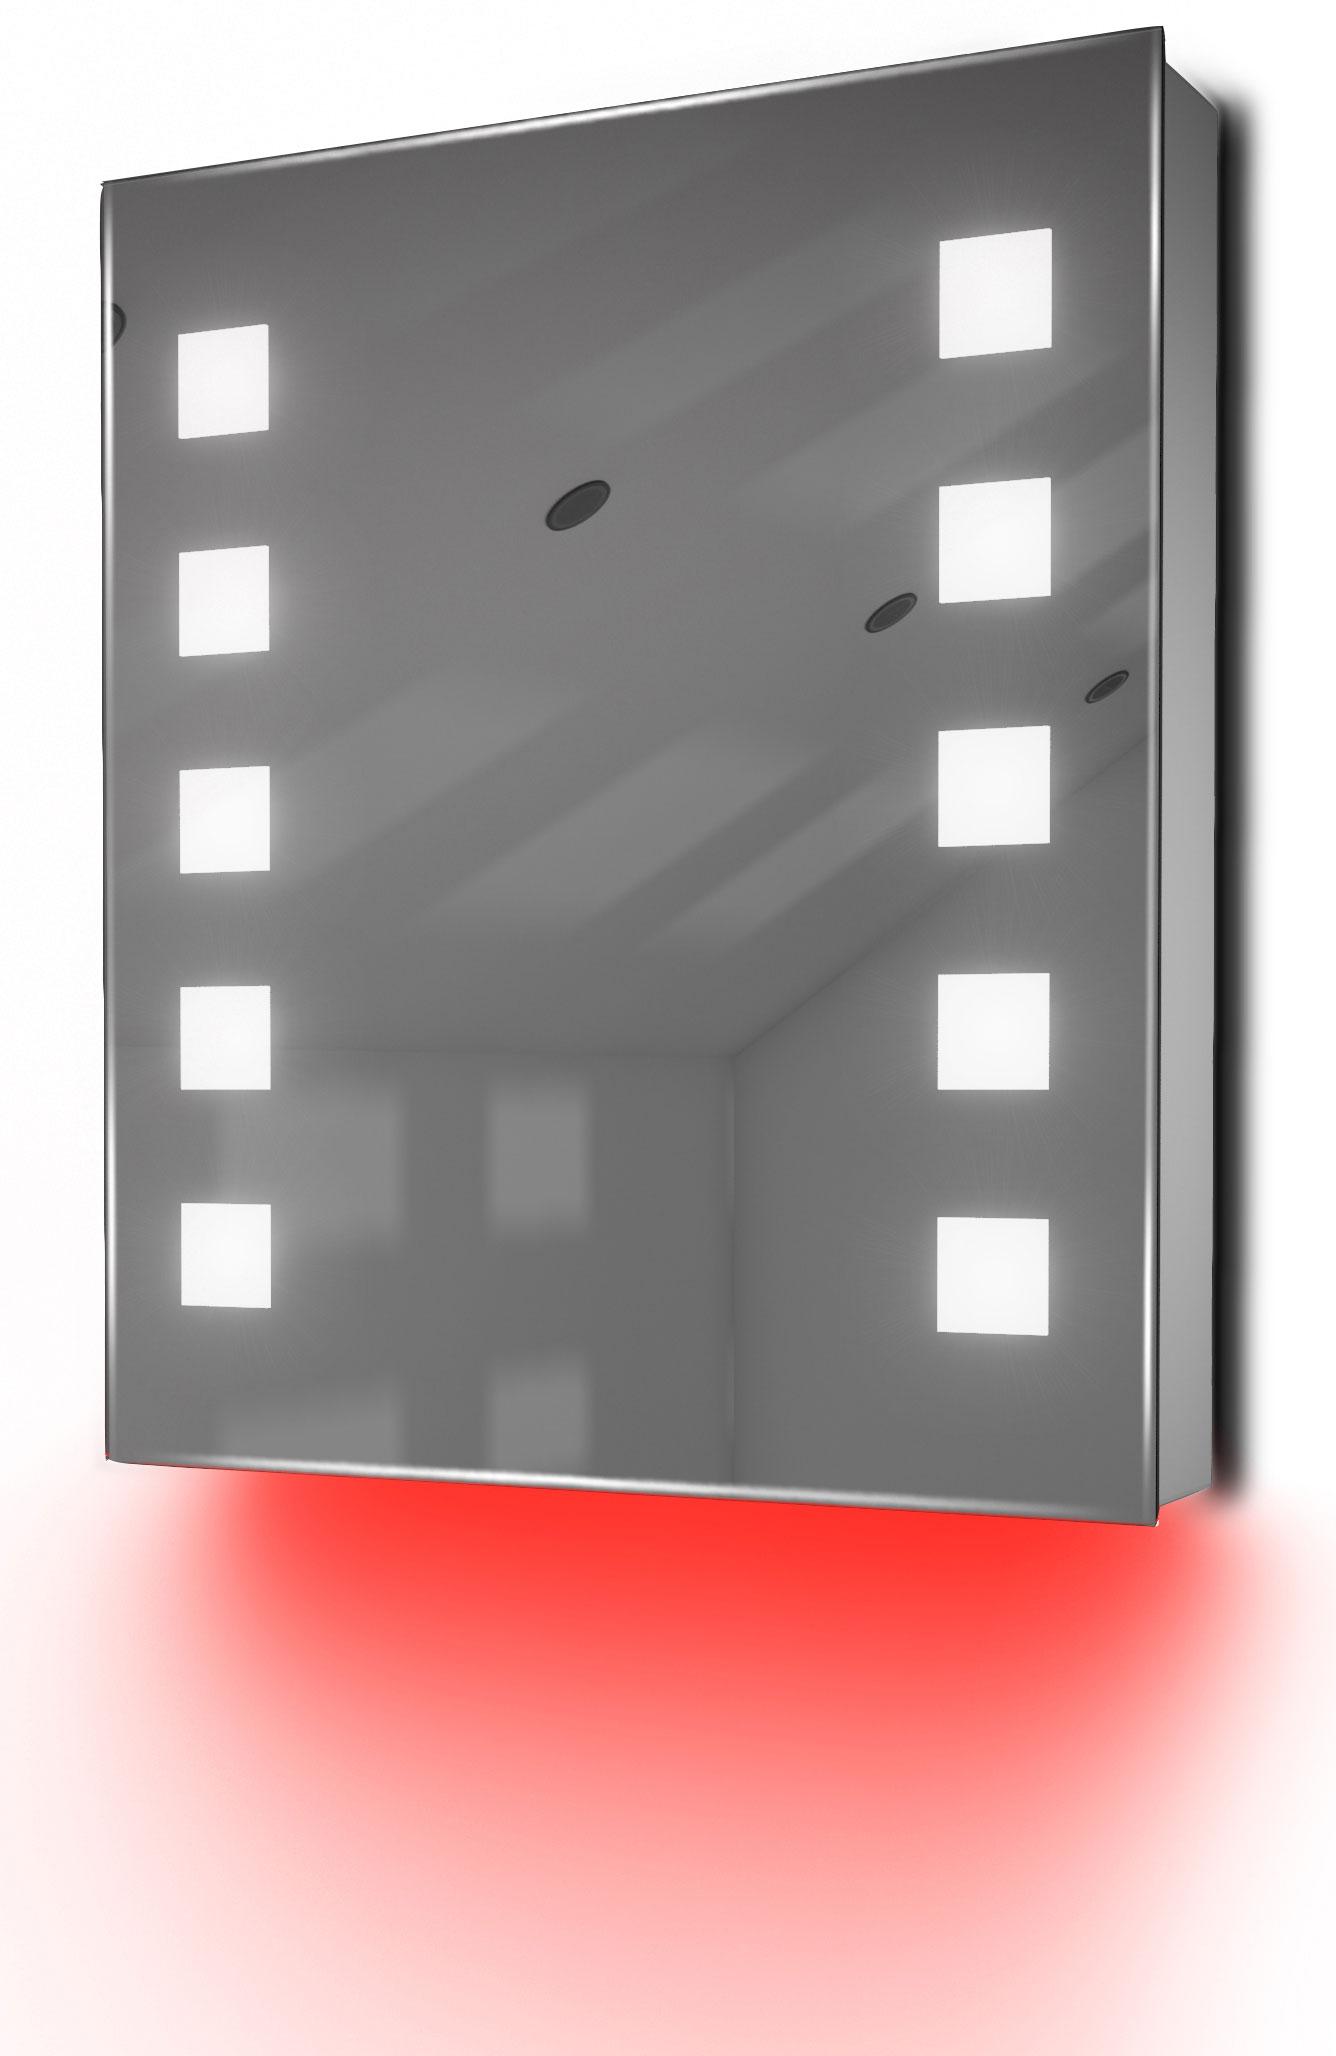 armoire de toilette anti bu e avec capteur et prise rasoir int rieure k79r ebay. Black Bedroom Furniture Sets. Home Design Ideas